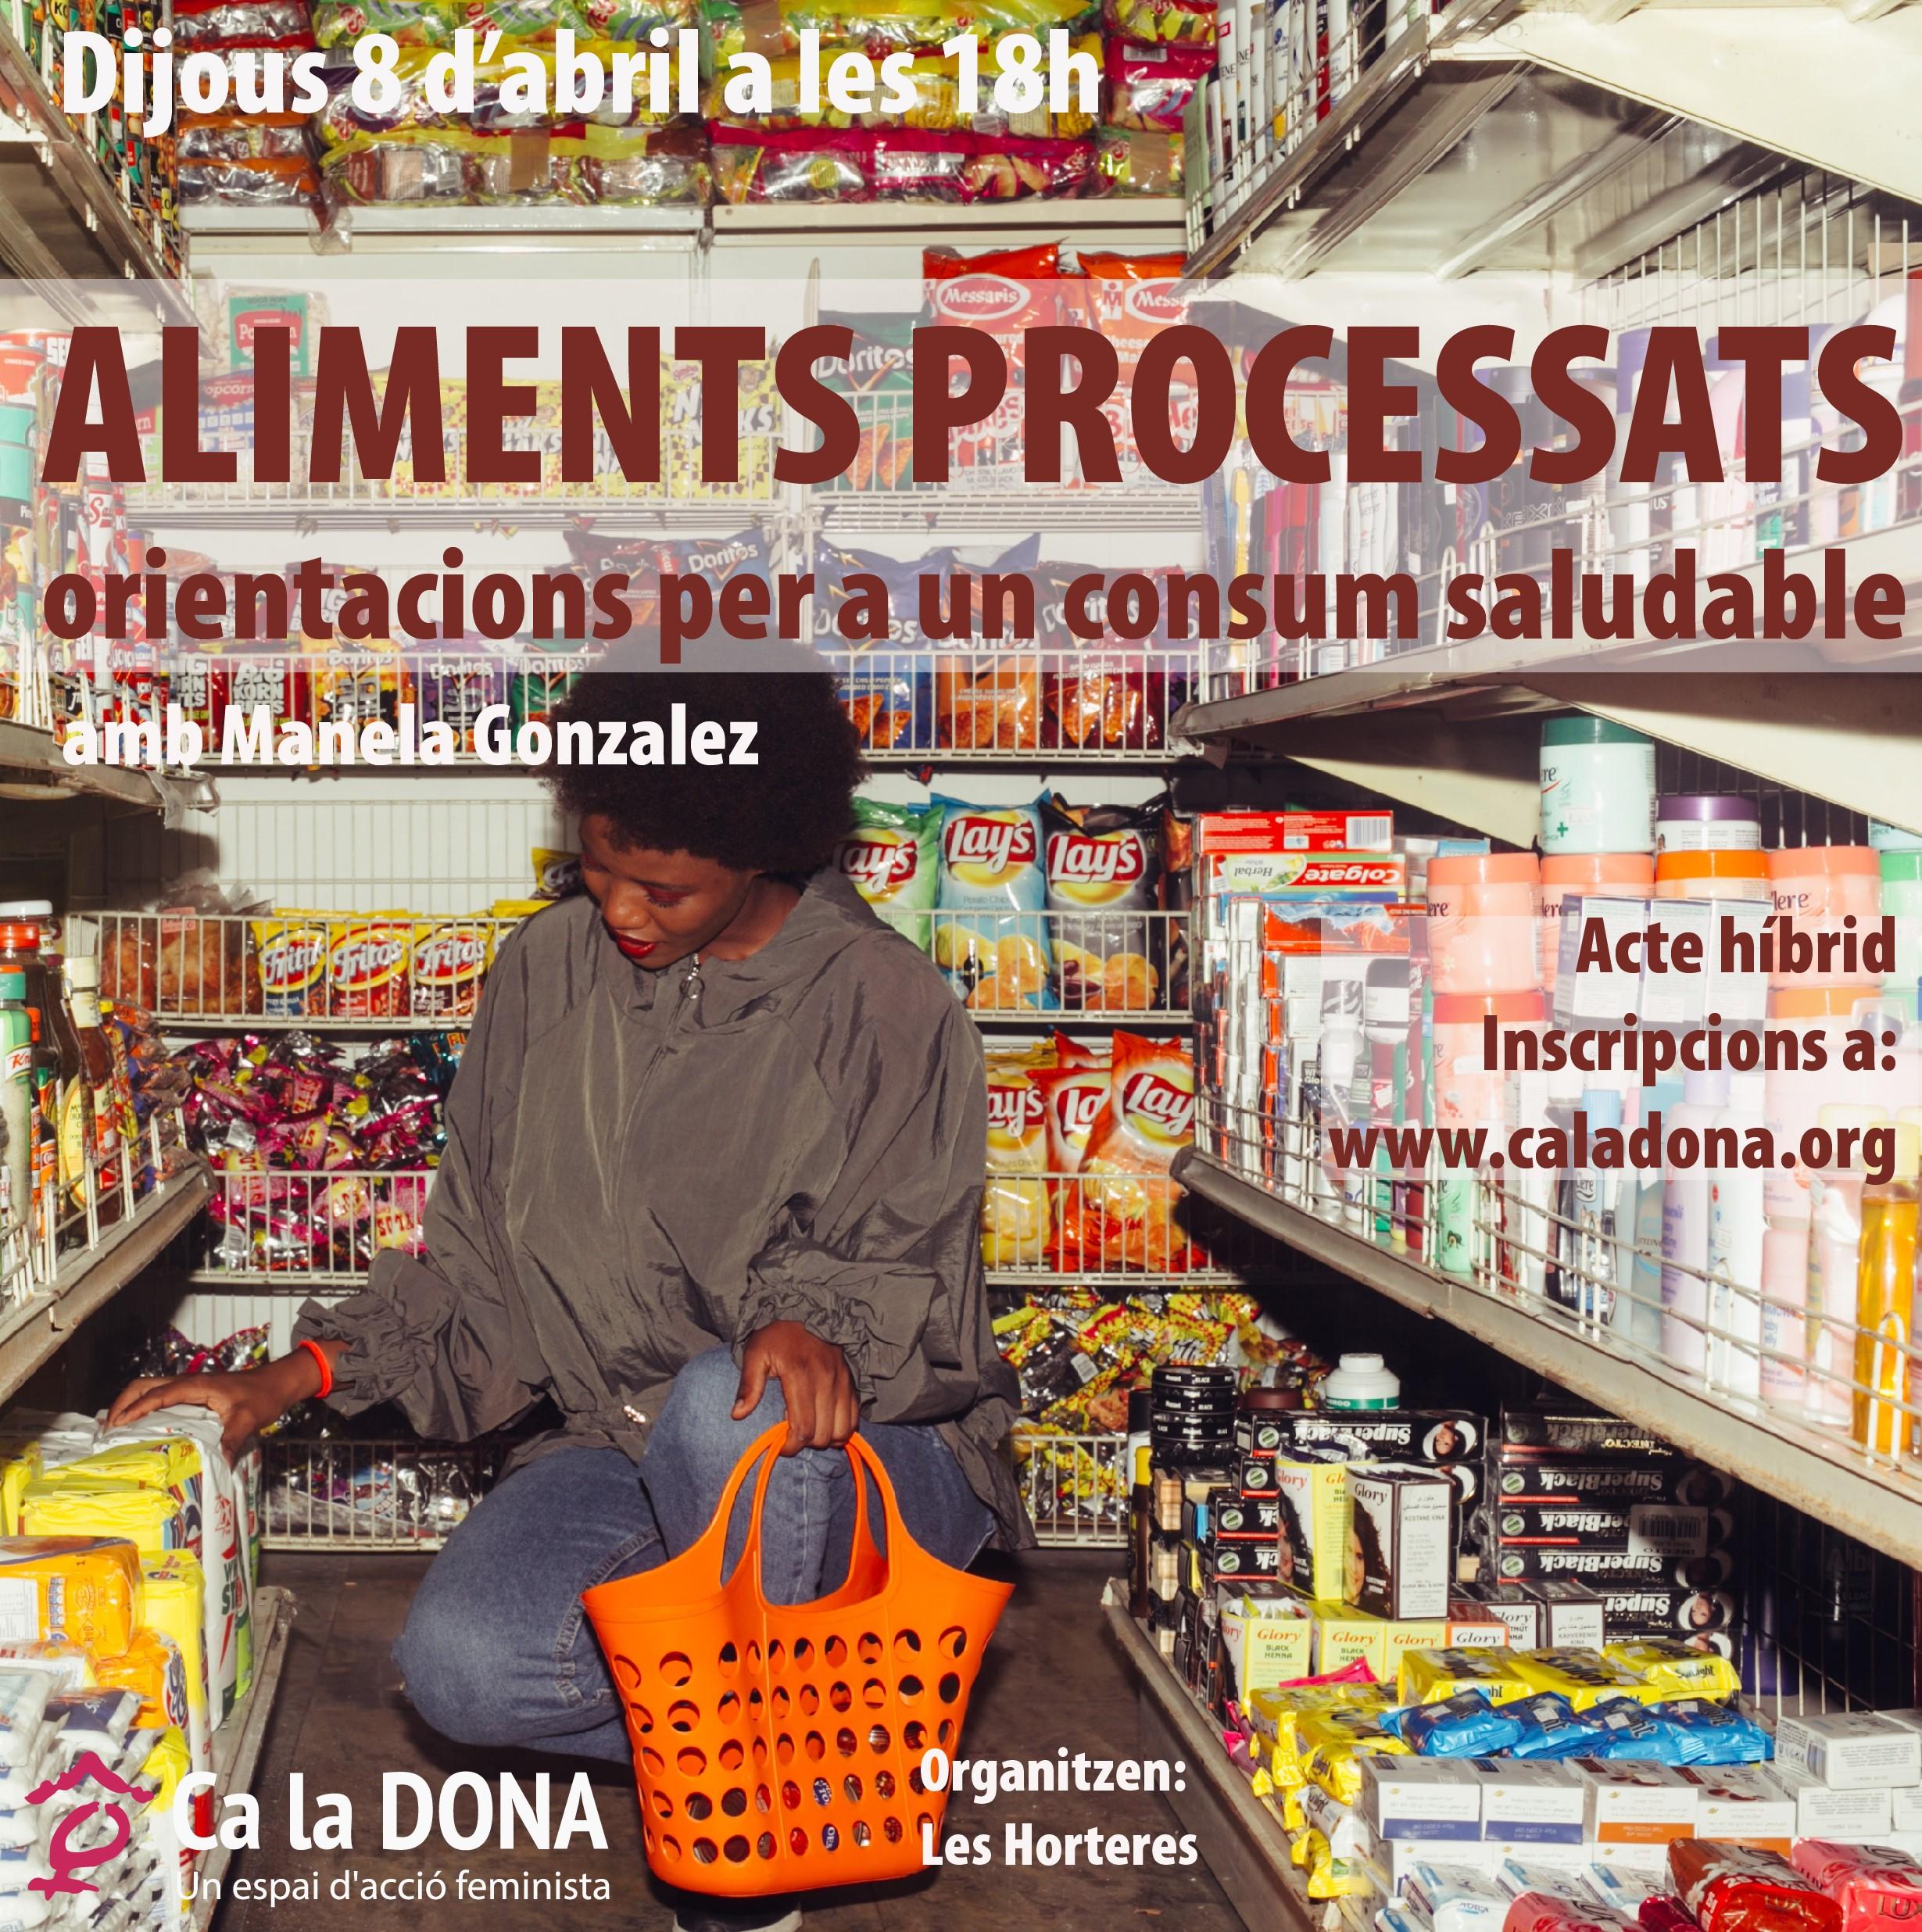 Aliments processats